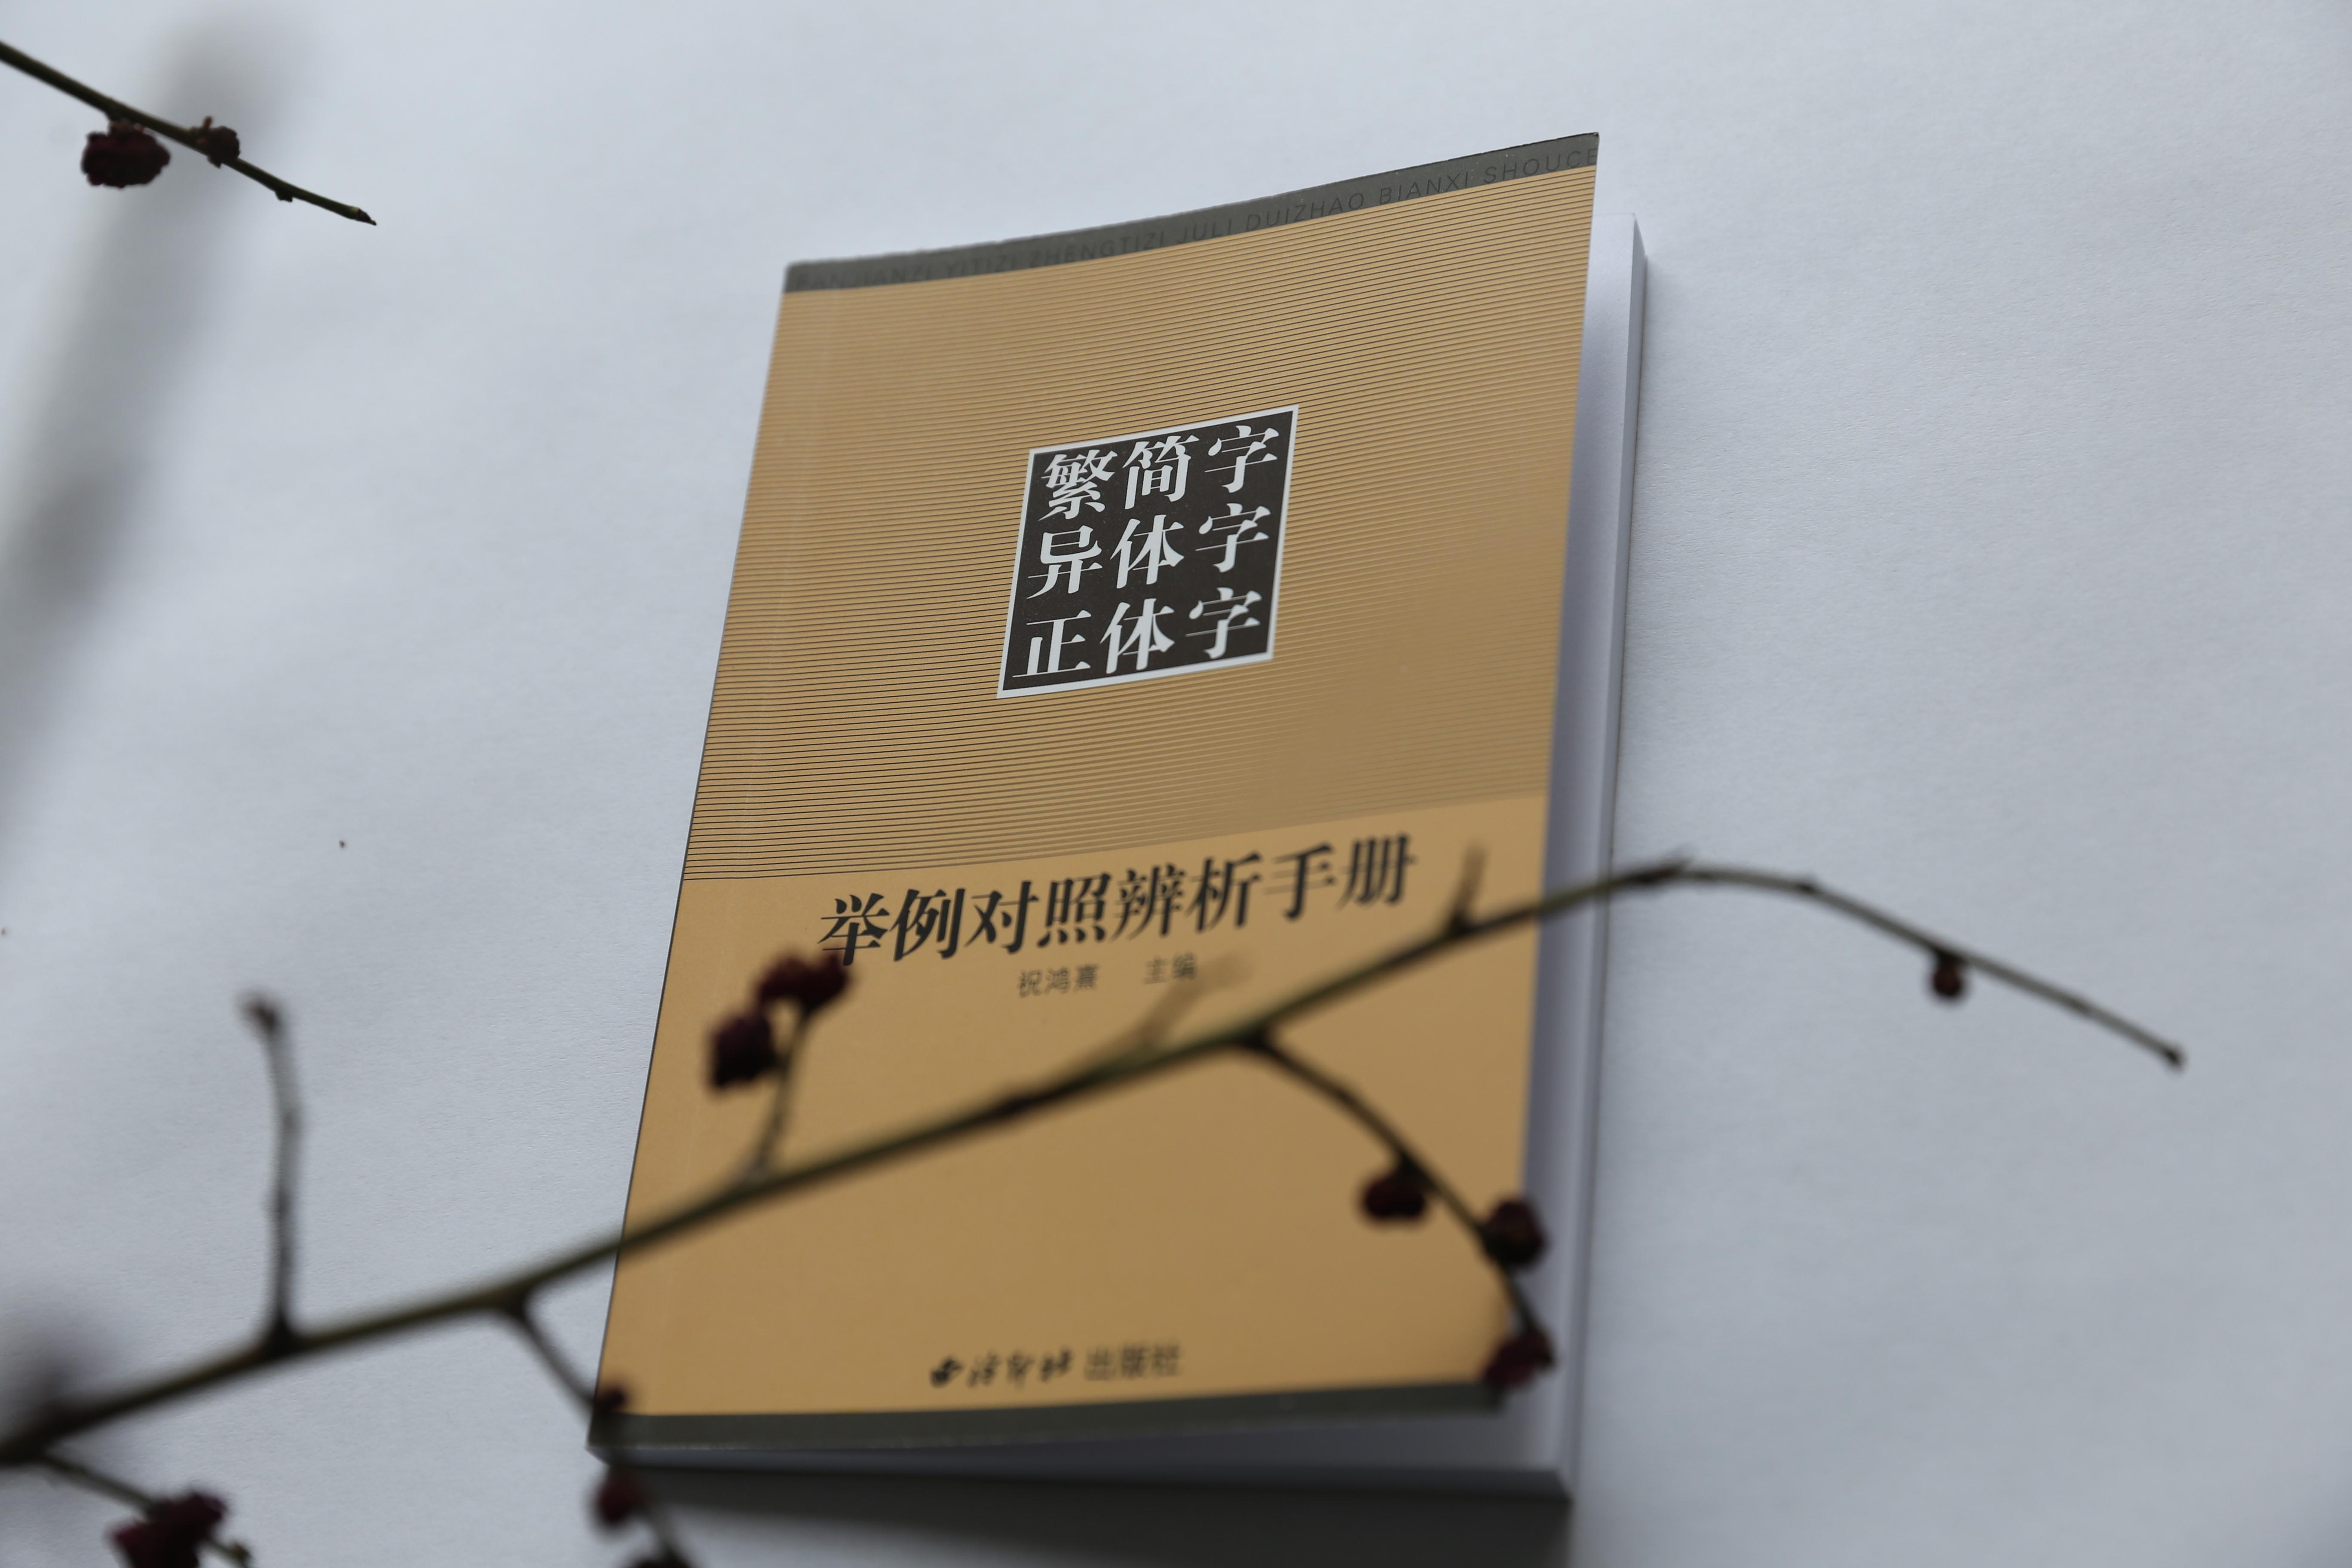 Традиционный и упрощенный слово китайский слово Нормальное тело слово Например, анализ Общества Xiqiaoyin версия Xi Chutang【руководство】